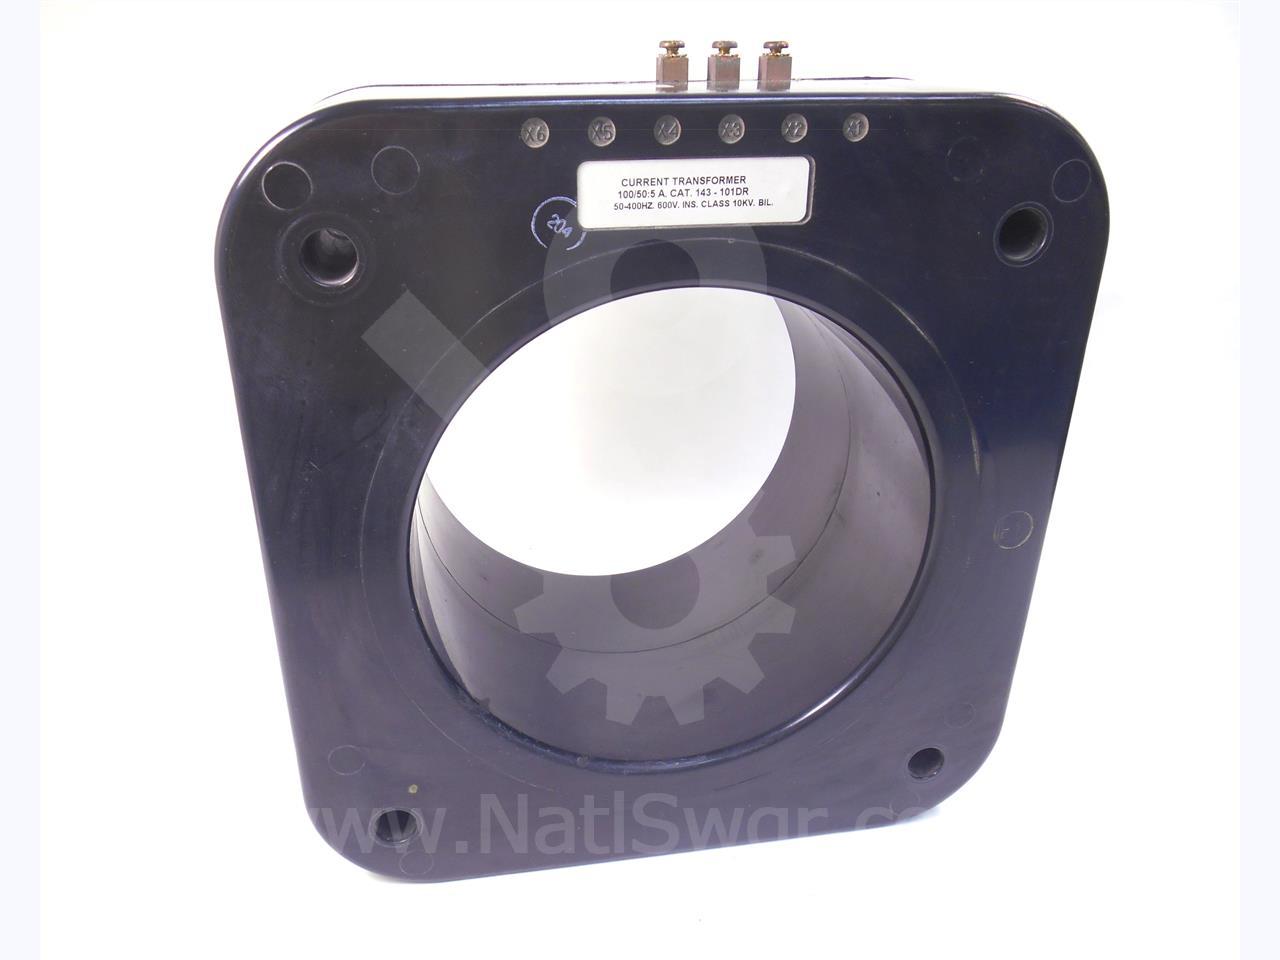 AL101 Solid Core Current Transformer ITI 100:5A Ratio 10.1 Veris AL-101